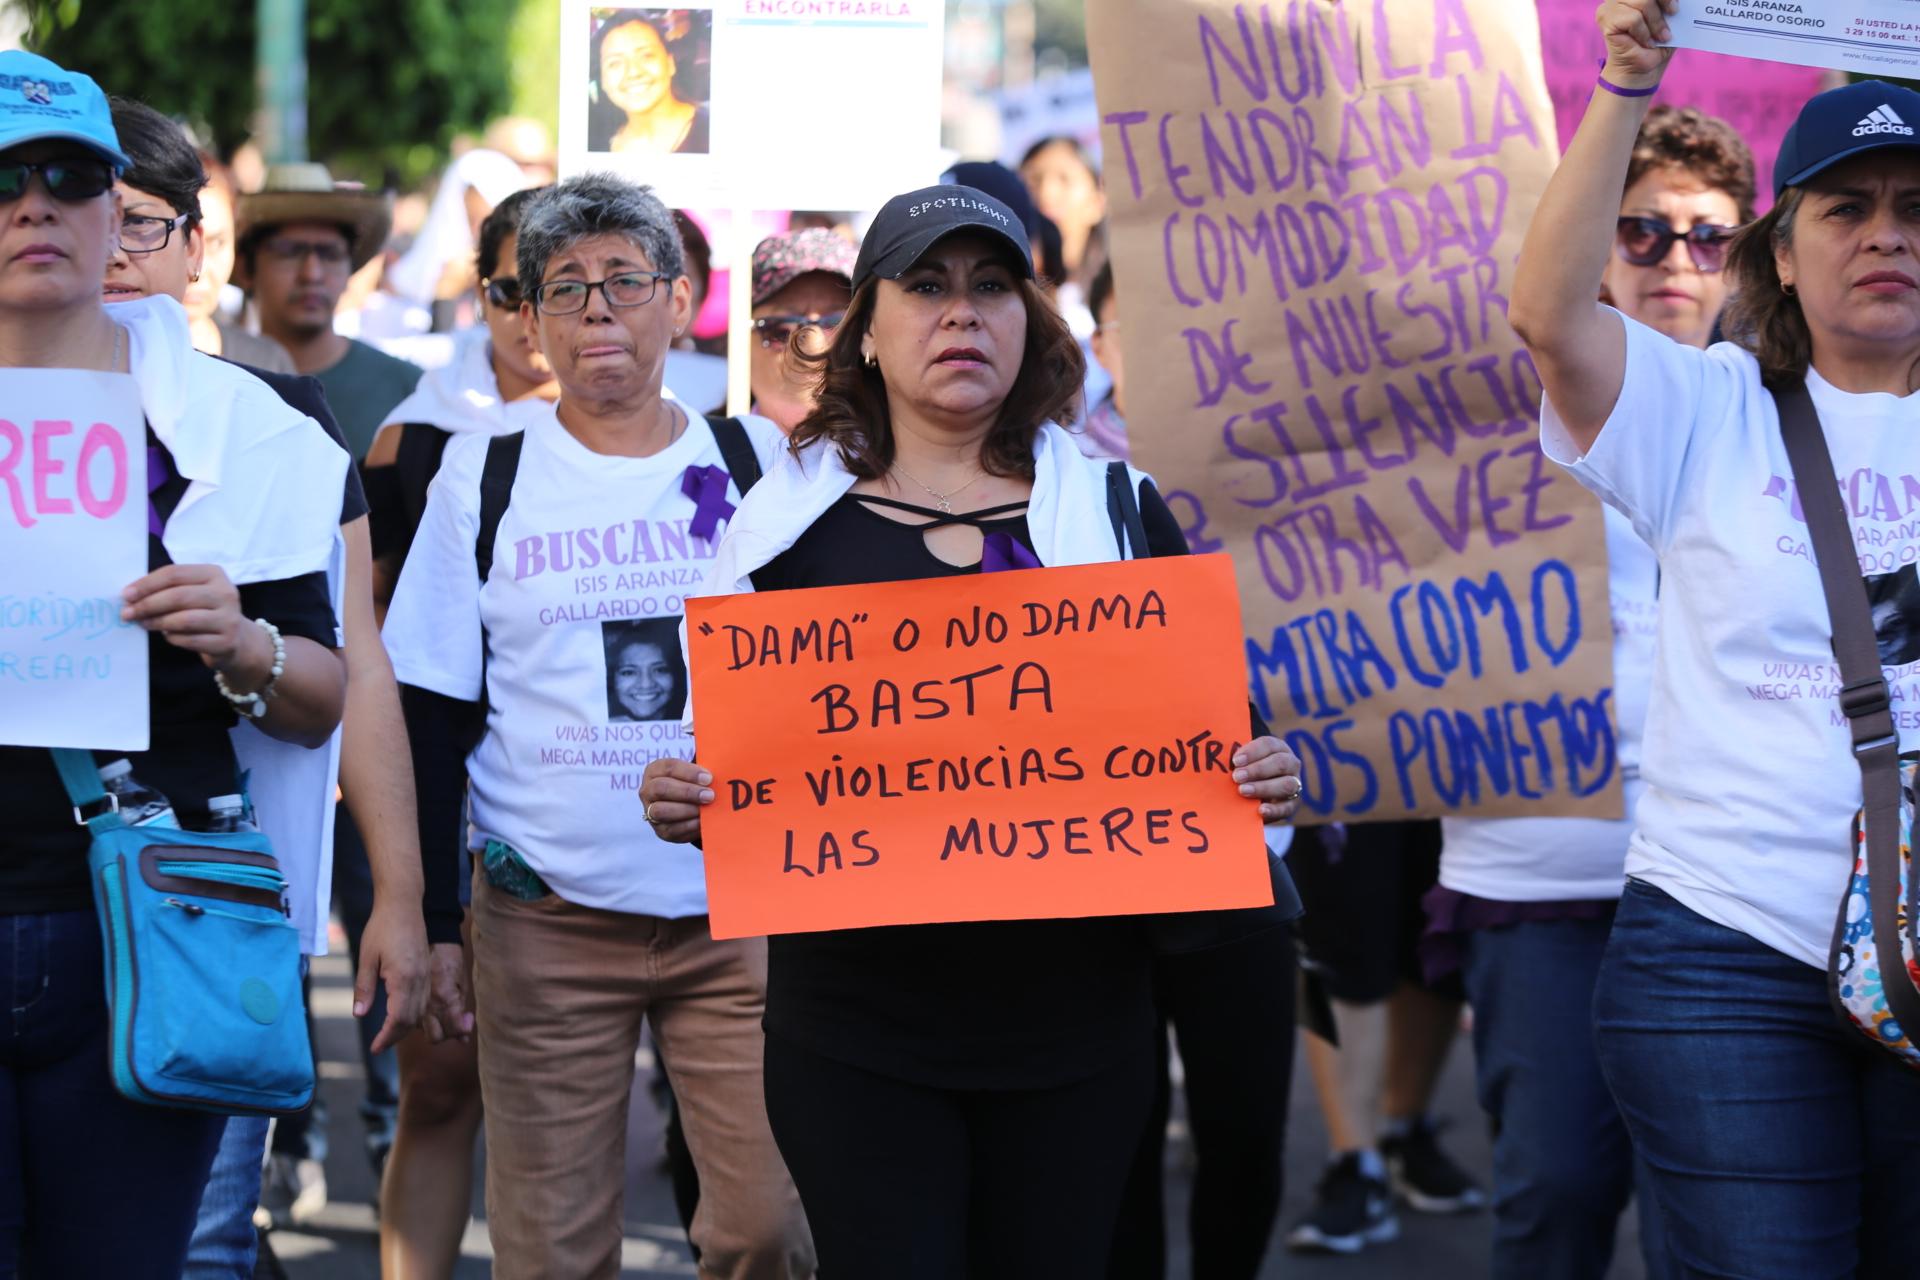 La protesta concluyó en la Plaza de Armas de la ciudad